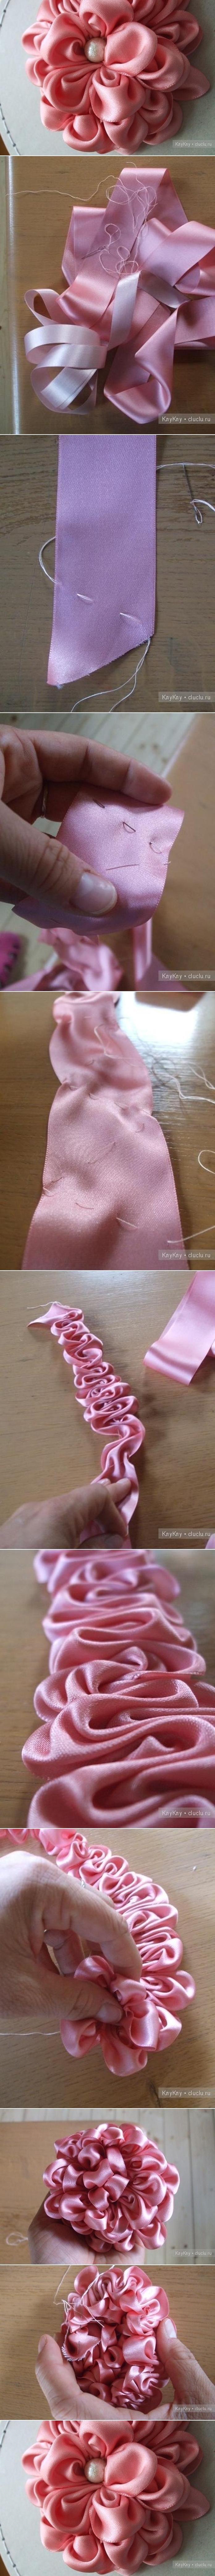 DIY Ribbon Crafts : DIY Ruffled Ribbin Flower